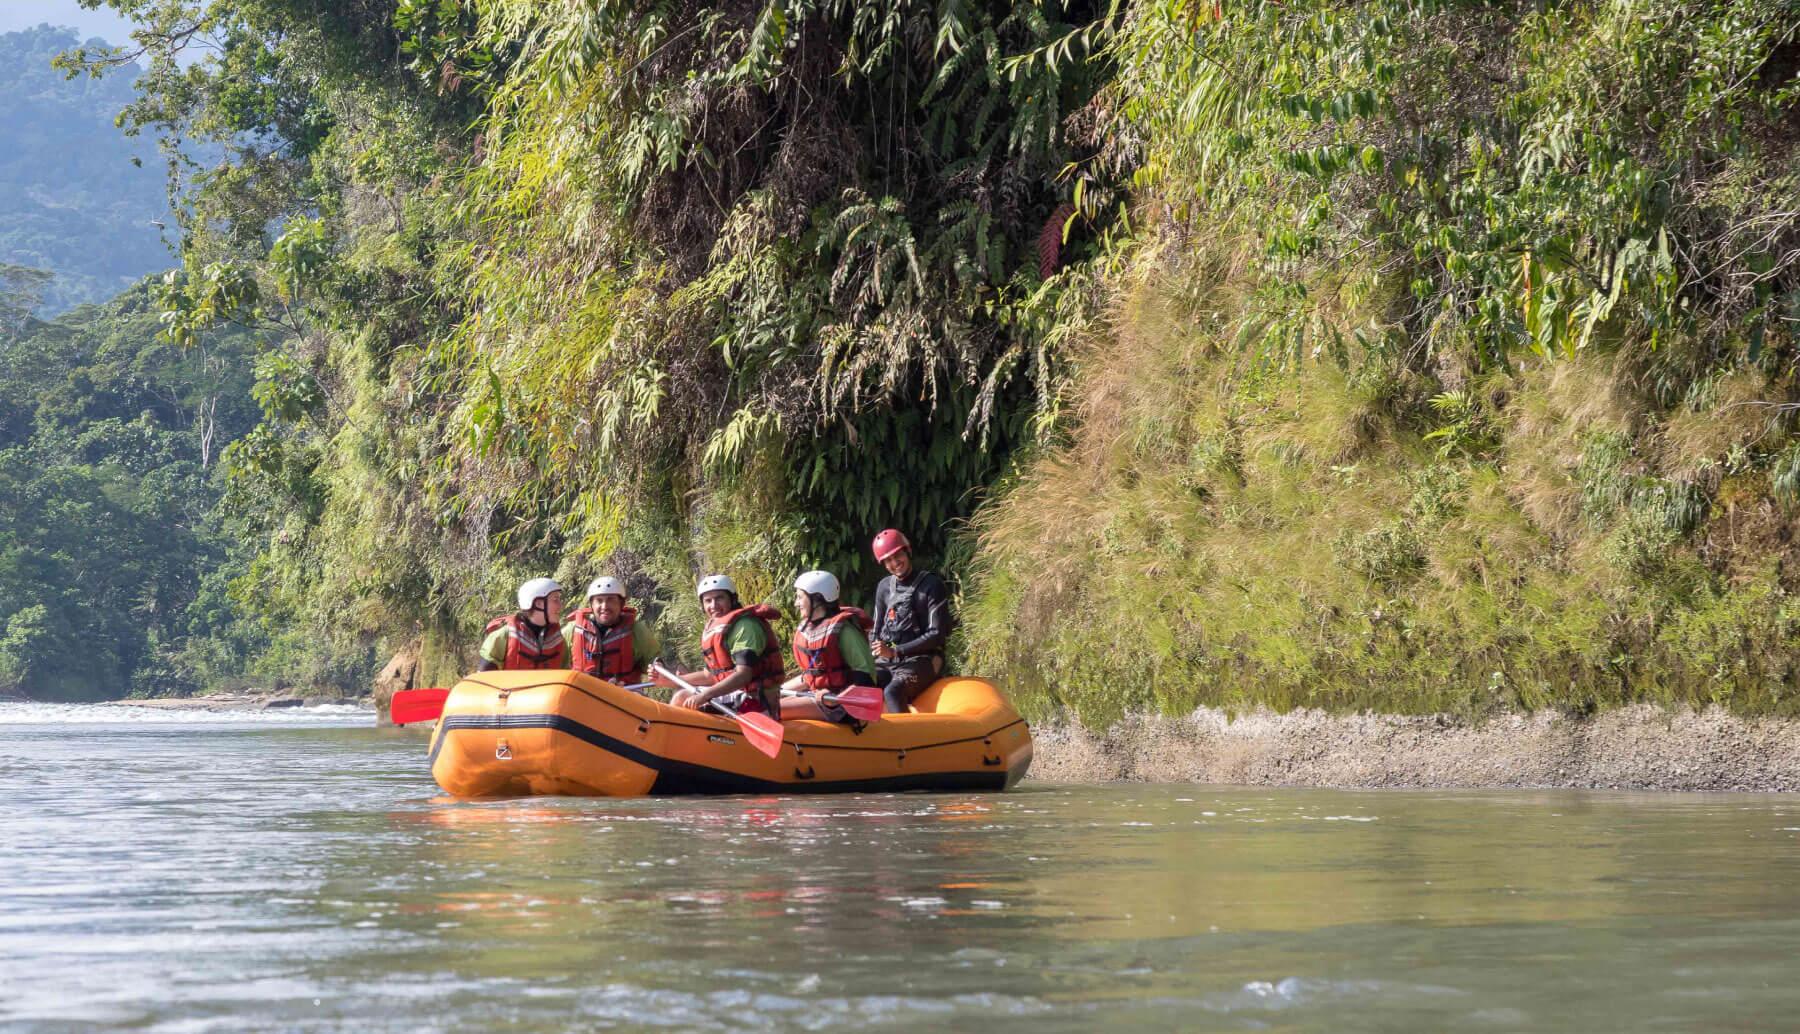 Rafting boat in a river in Napo, Tena